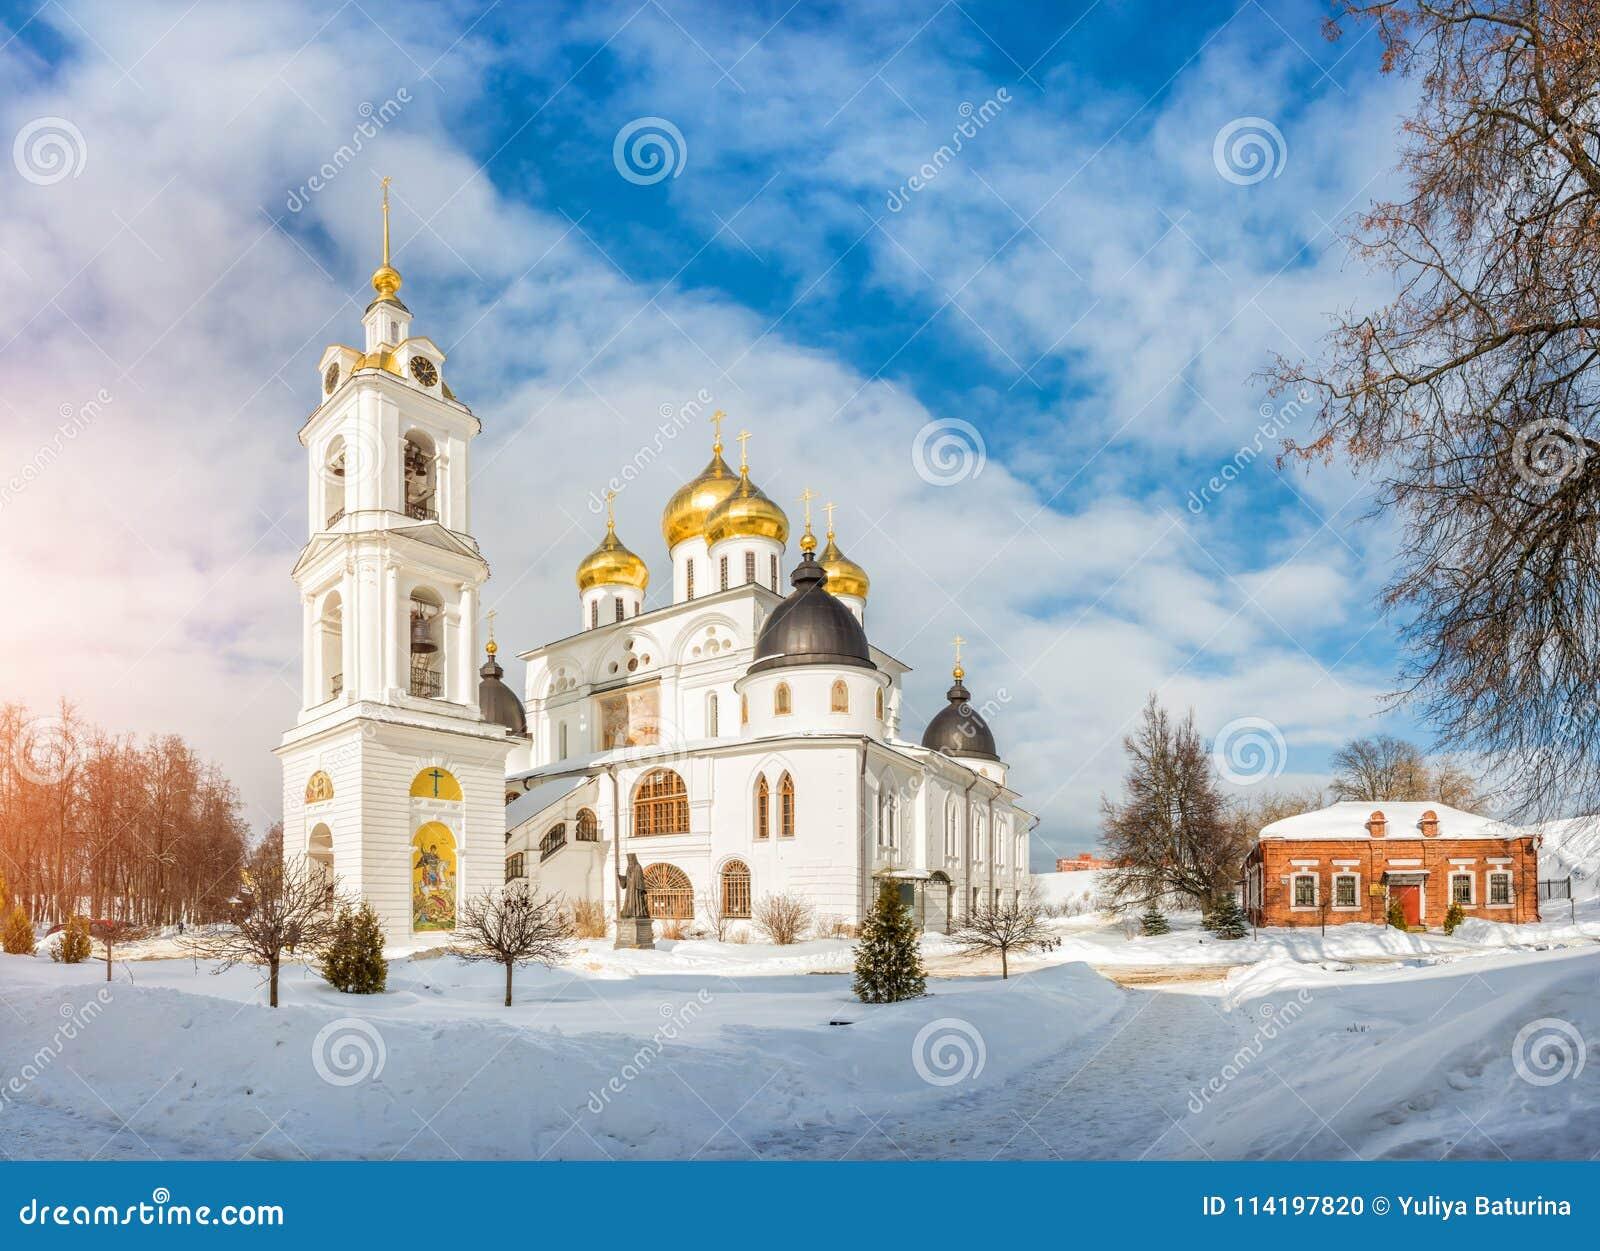 Catedral da suposição com uma torre de sino